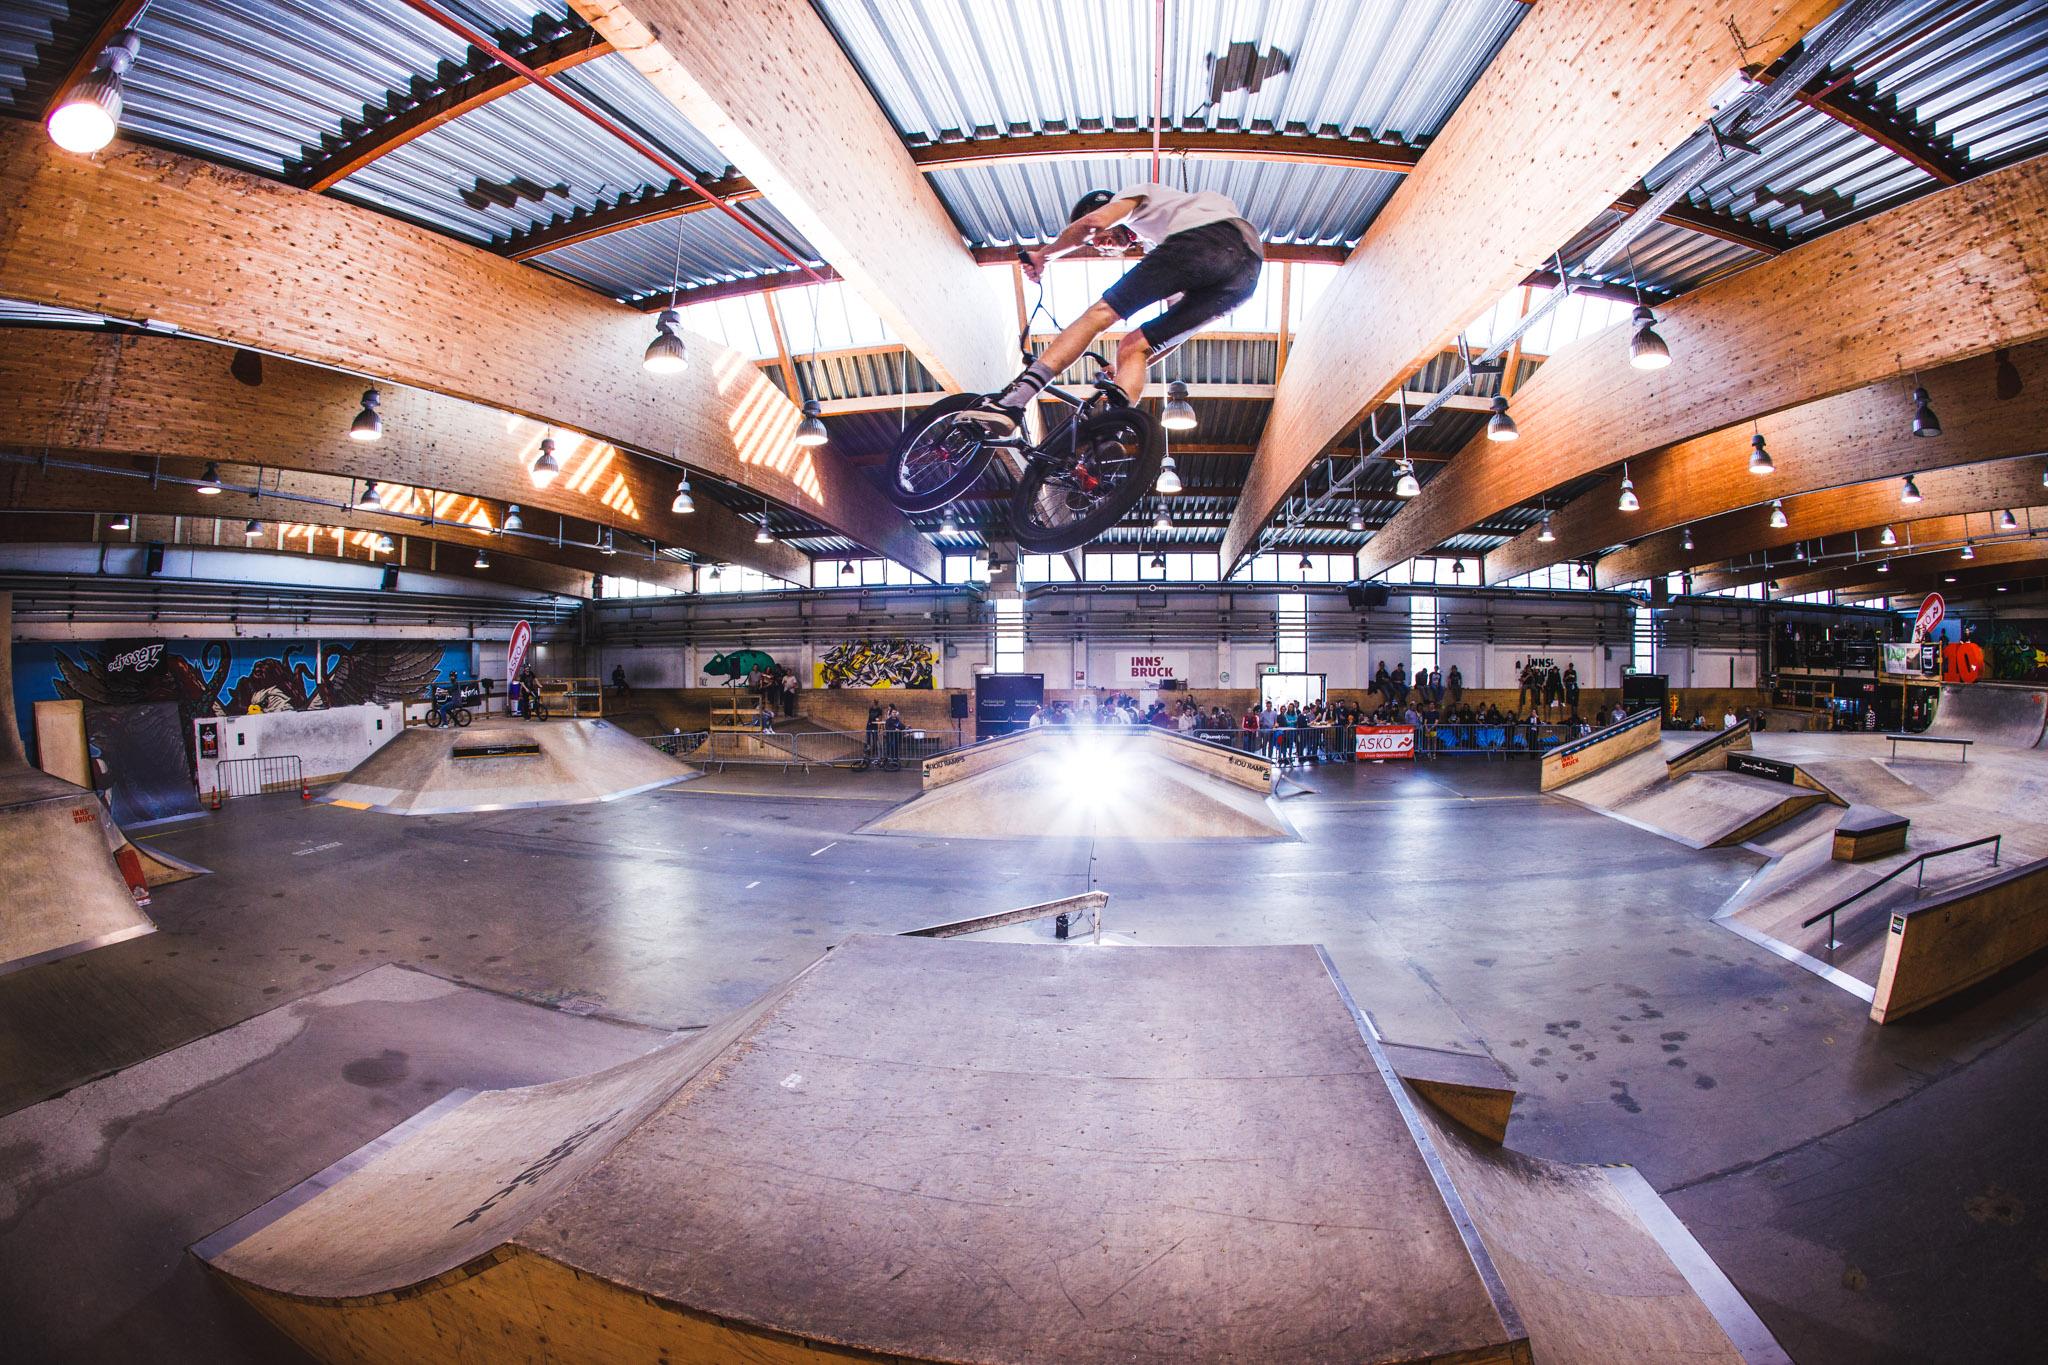 Die Skatehalle Innsbruck hat eigentlich alles, was du zum BMX-Fahren brauchst. Es gibt einen Streetbereich, etwas zum Springen und einen fetten Bowl